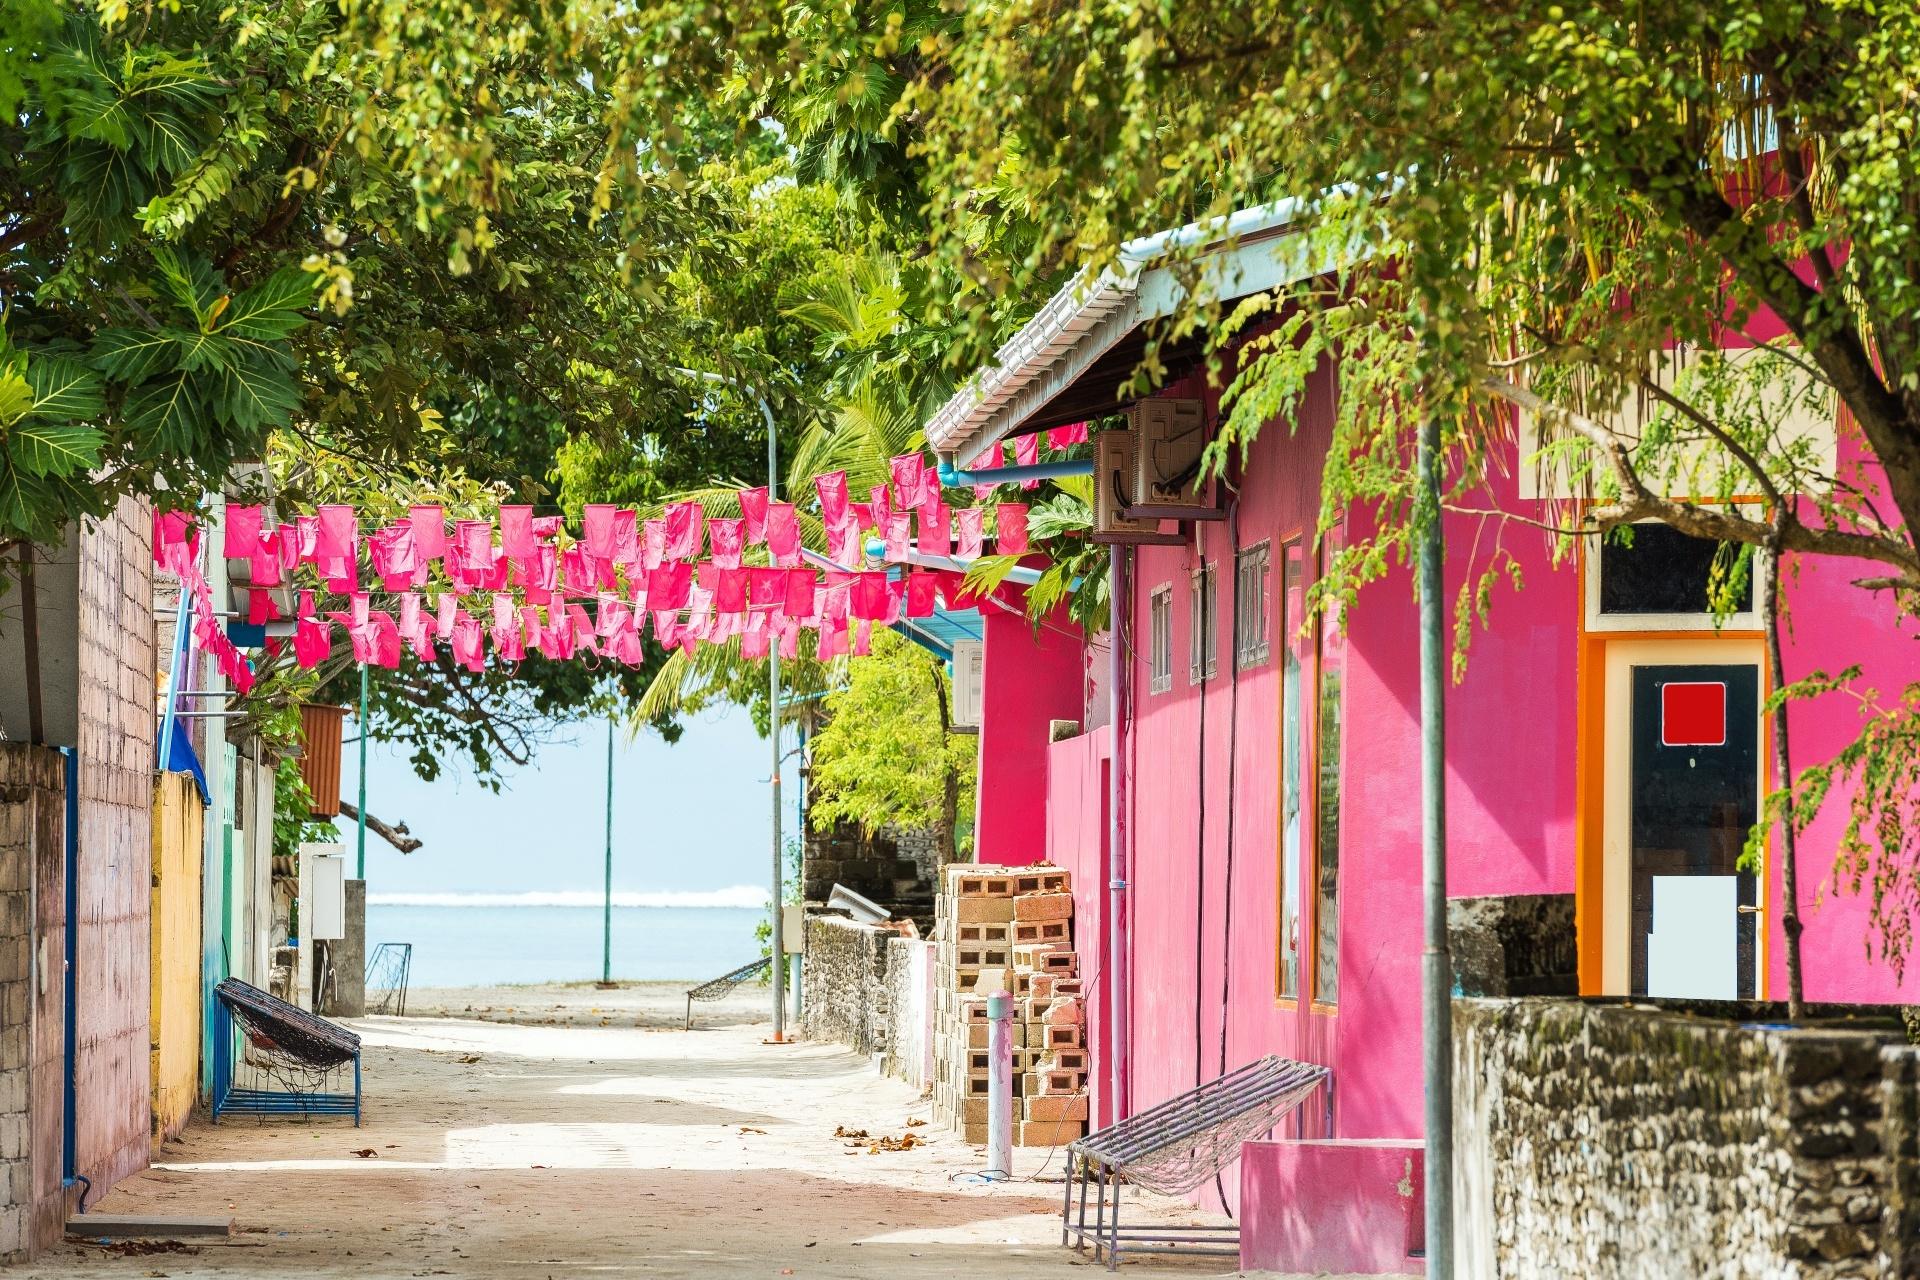 マレの家並み モルディブの風景